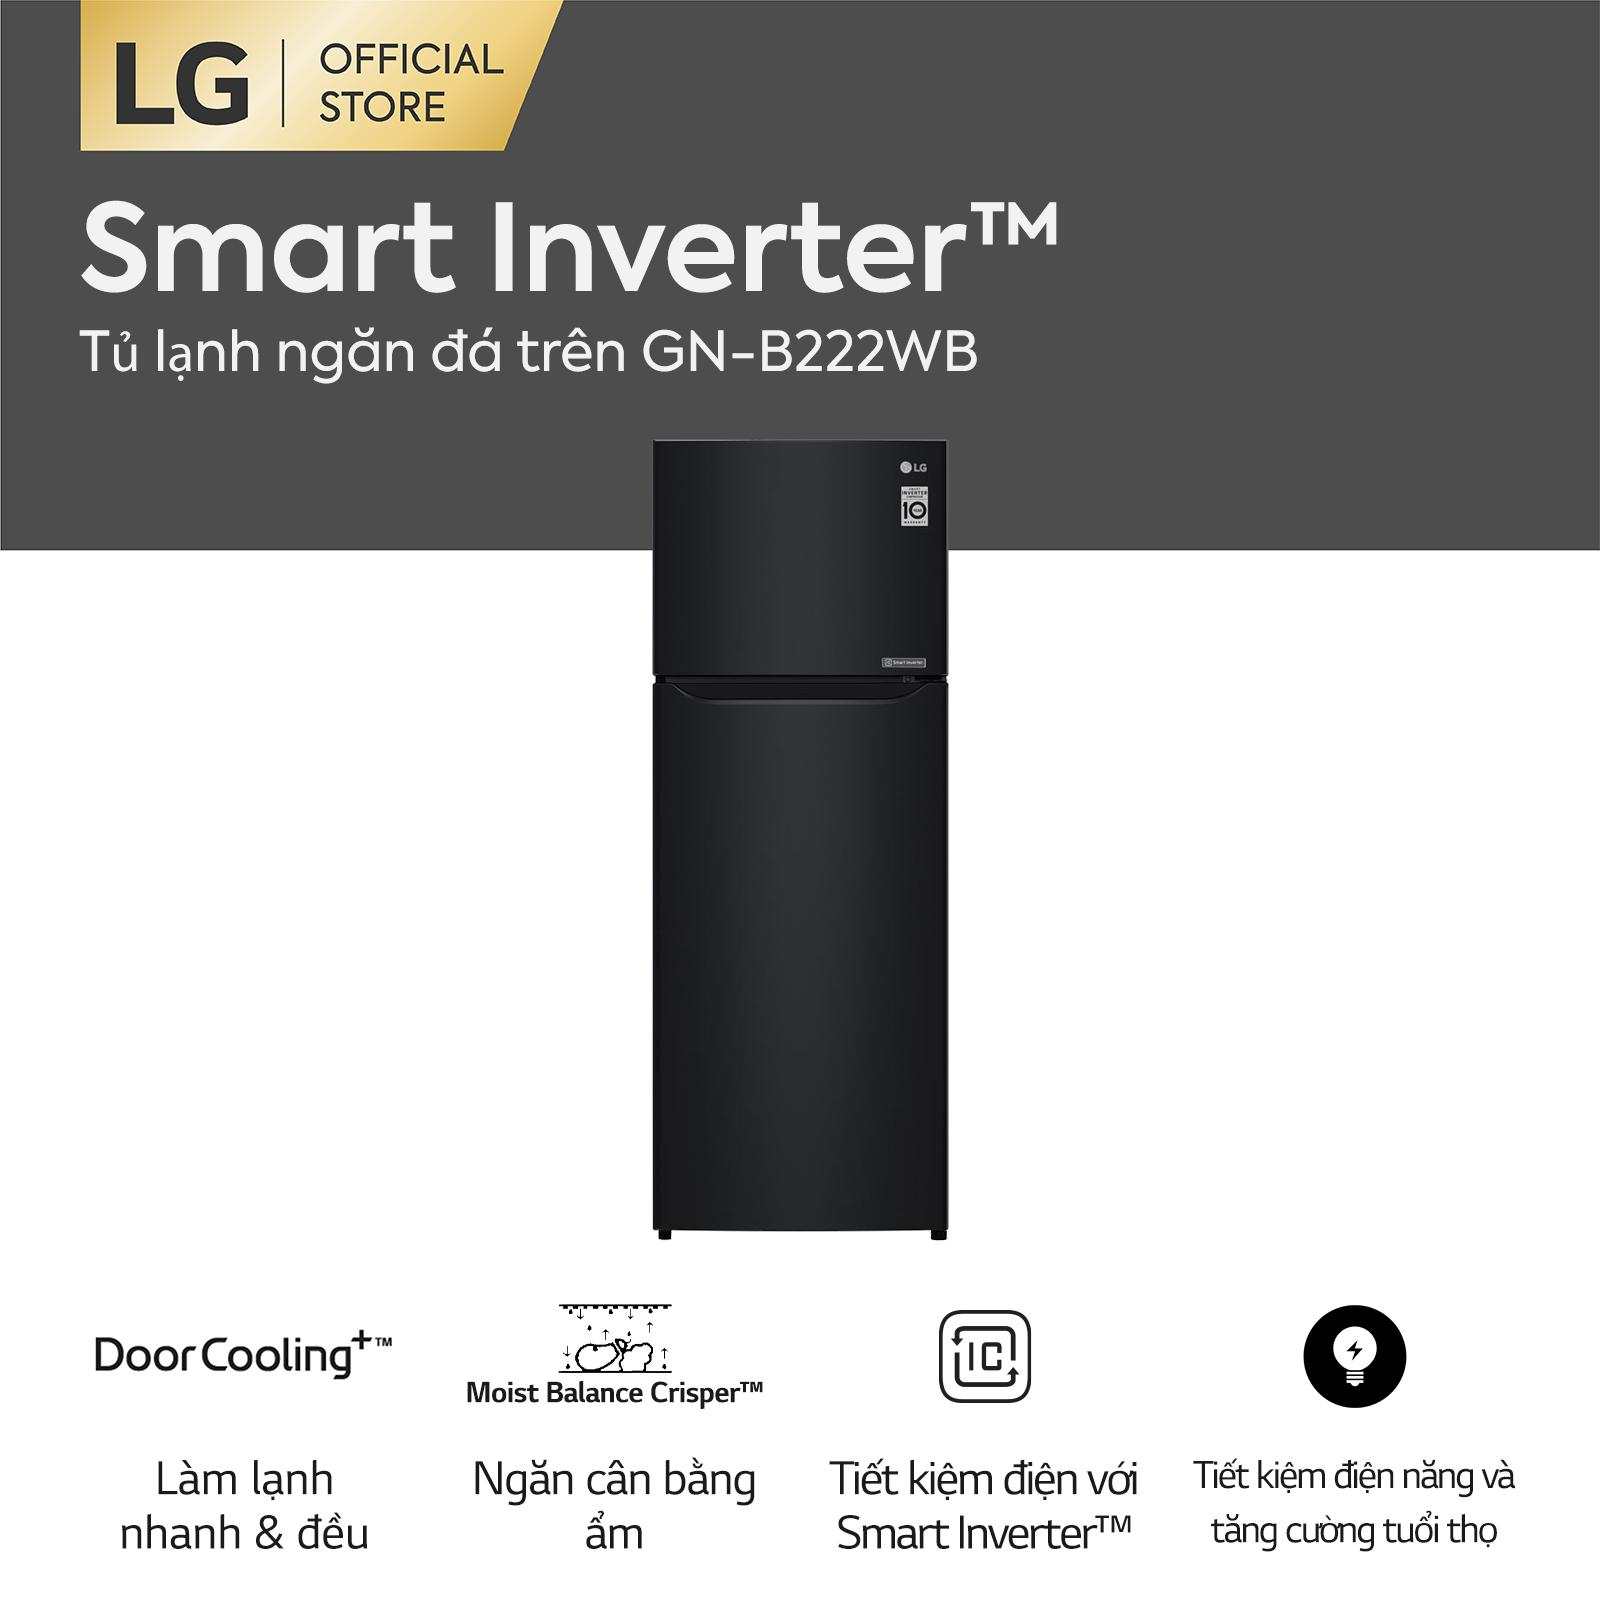 [FREESHIP 500K TOÀN QUỐC] Tủ lạnh LG Smart Inverter ngăn đá trên GN-B222WB 209L (Đen) – Hãng phân phối chính thức